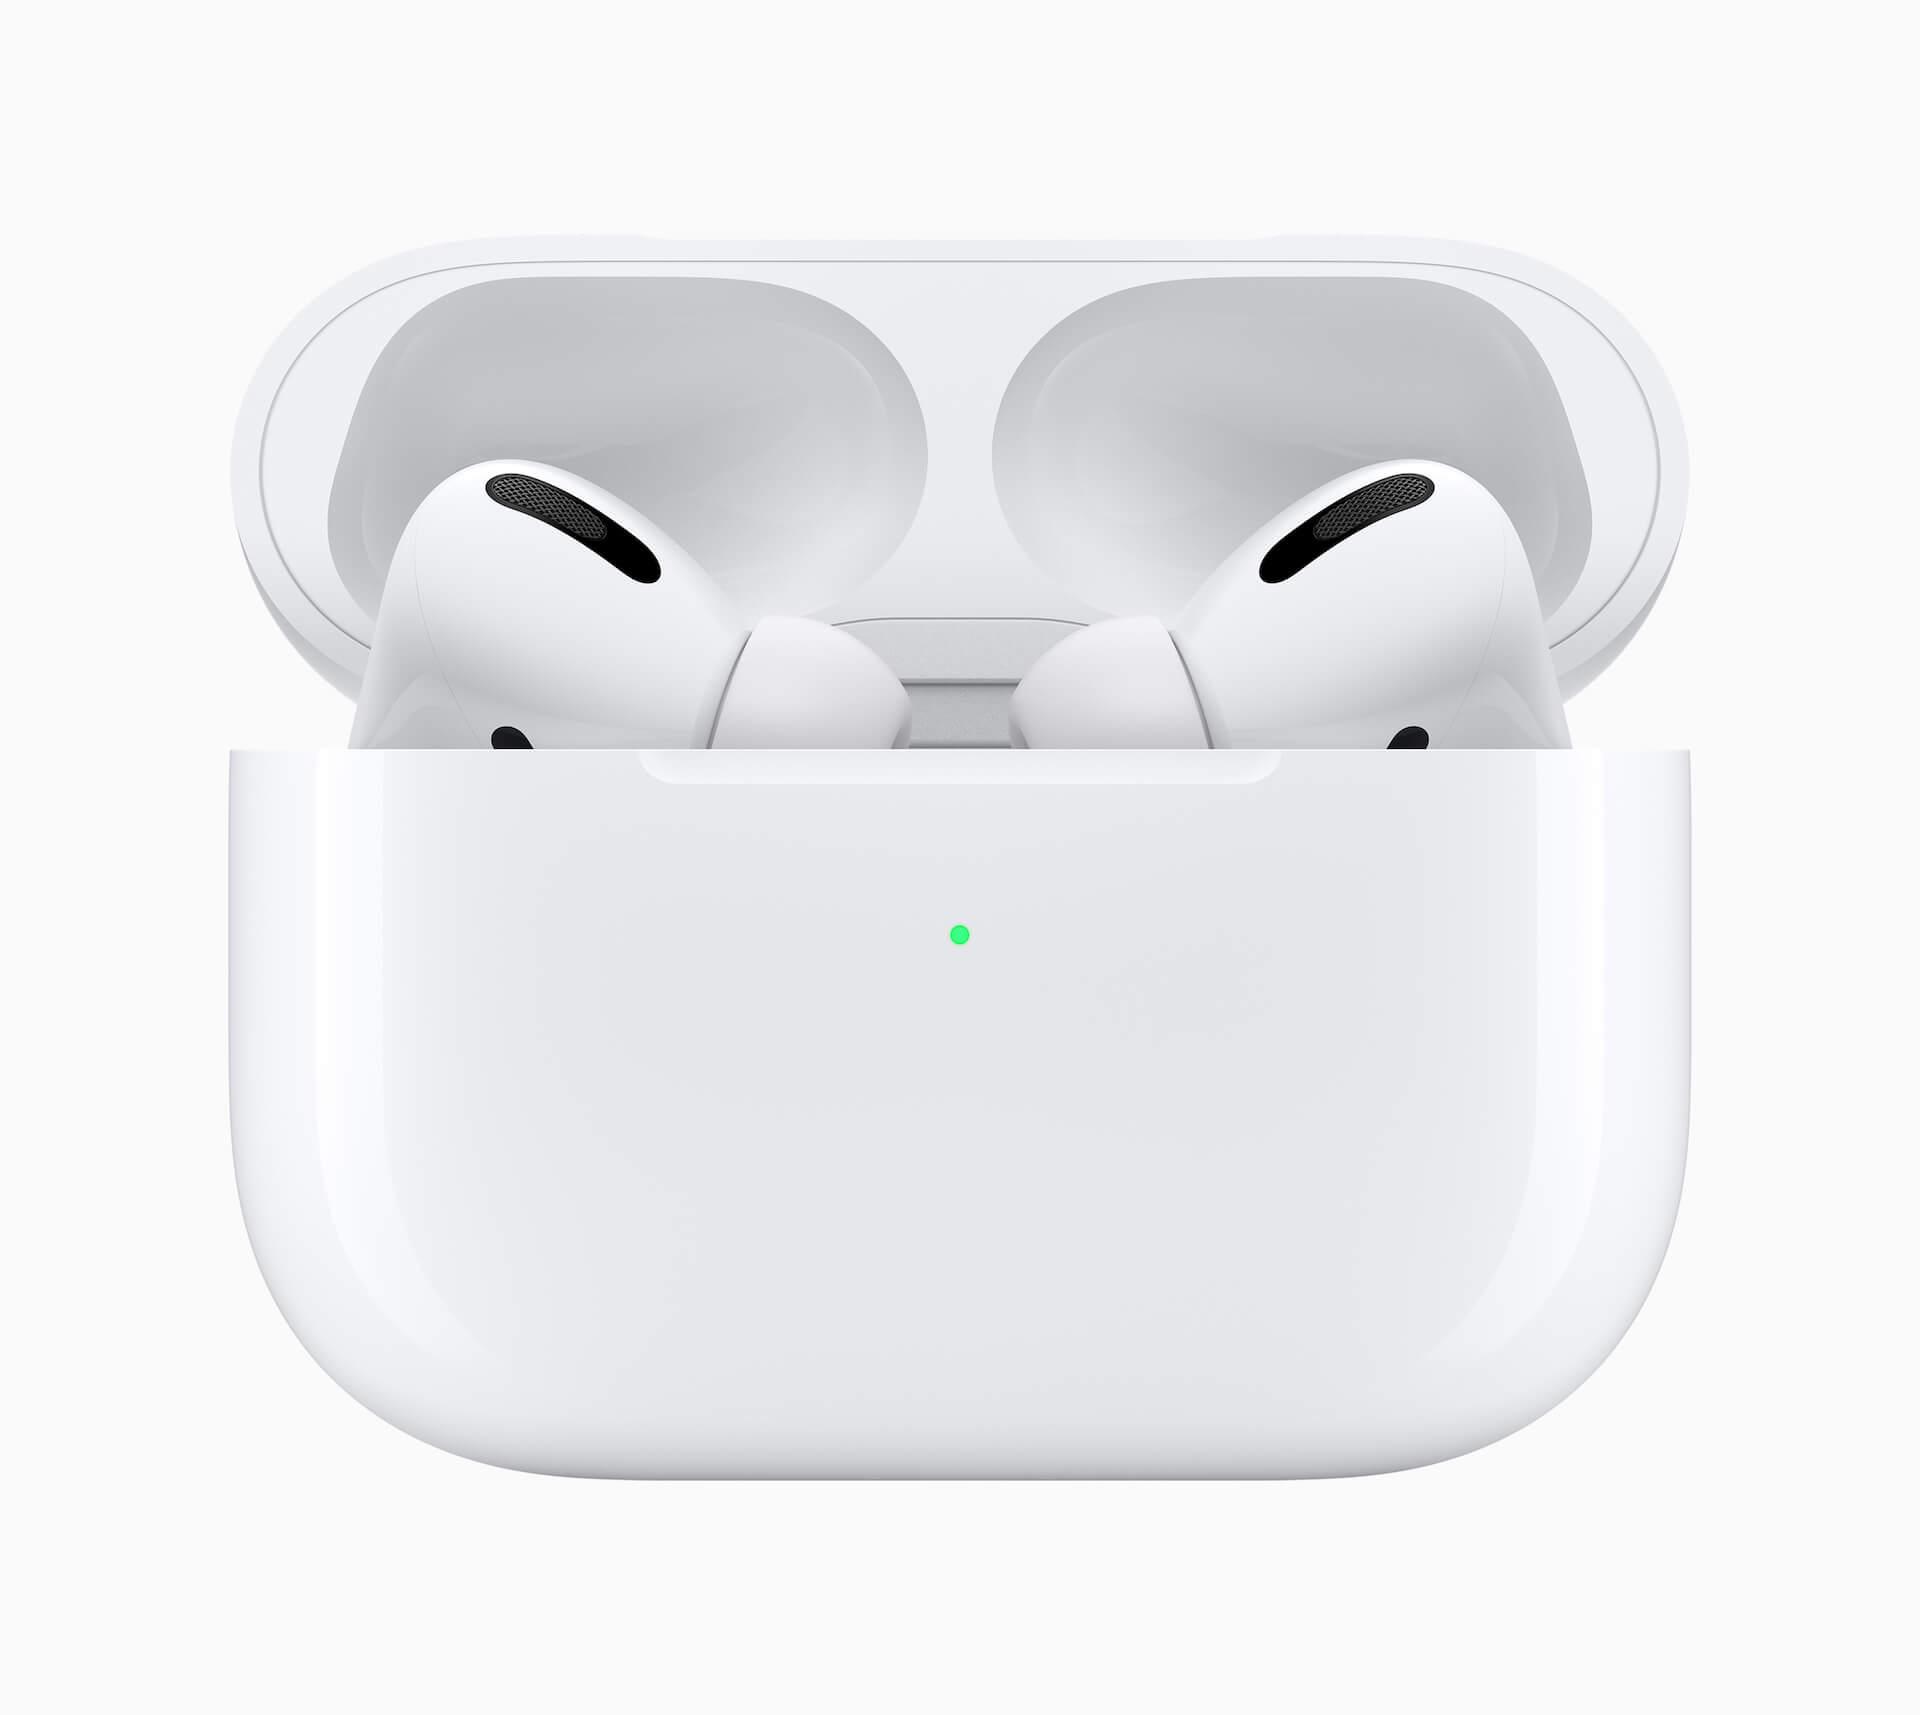 一部のAirPods Proのノイズキャンセリングに不具合発生?Appleで無償の修理サービス受付中 tech201102_airpodspro_main